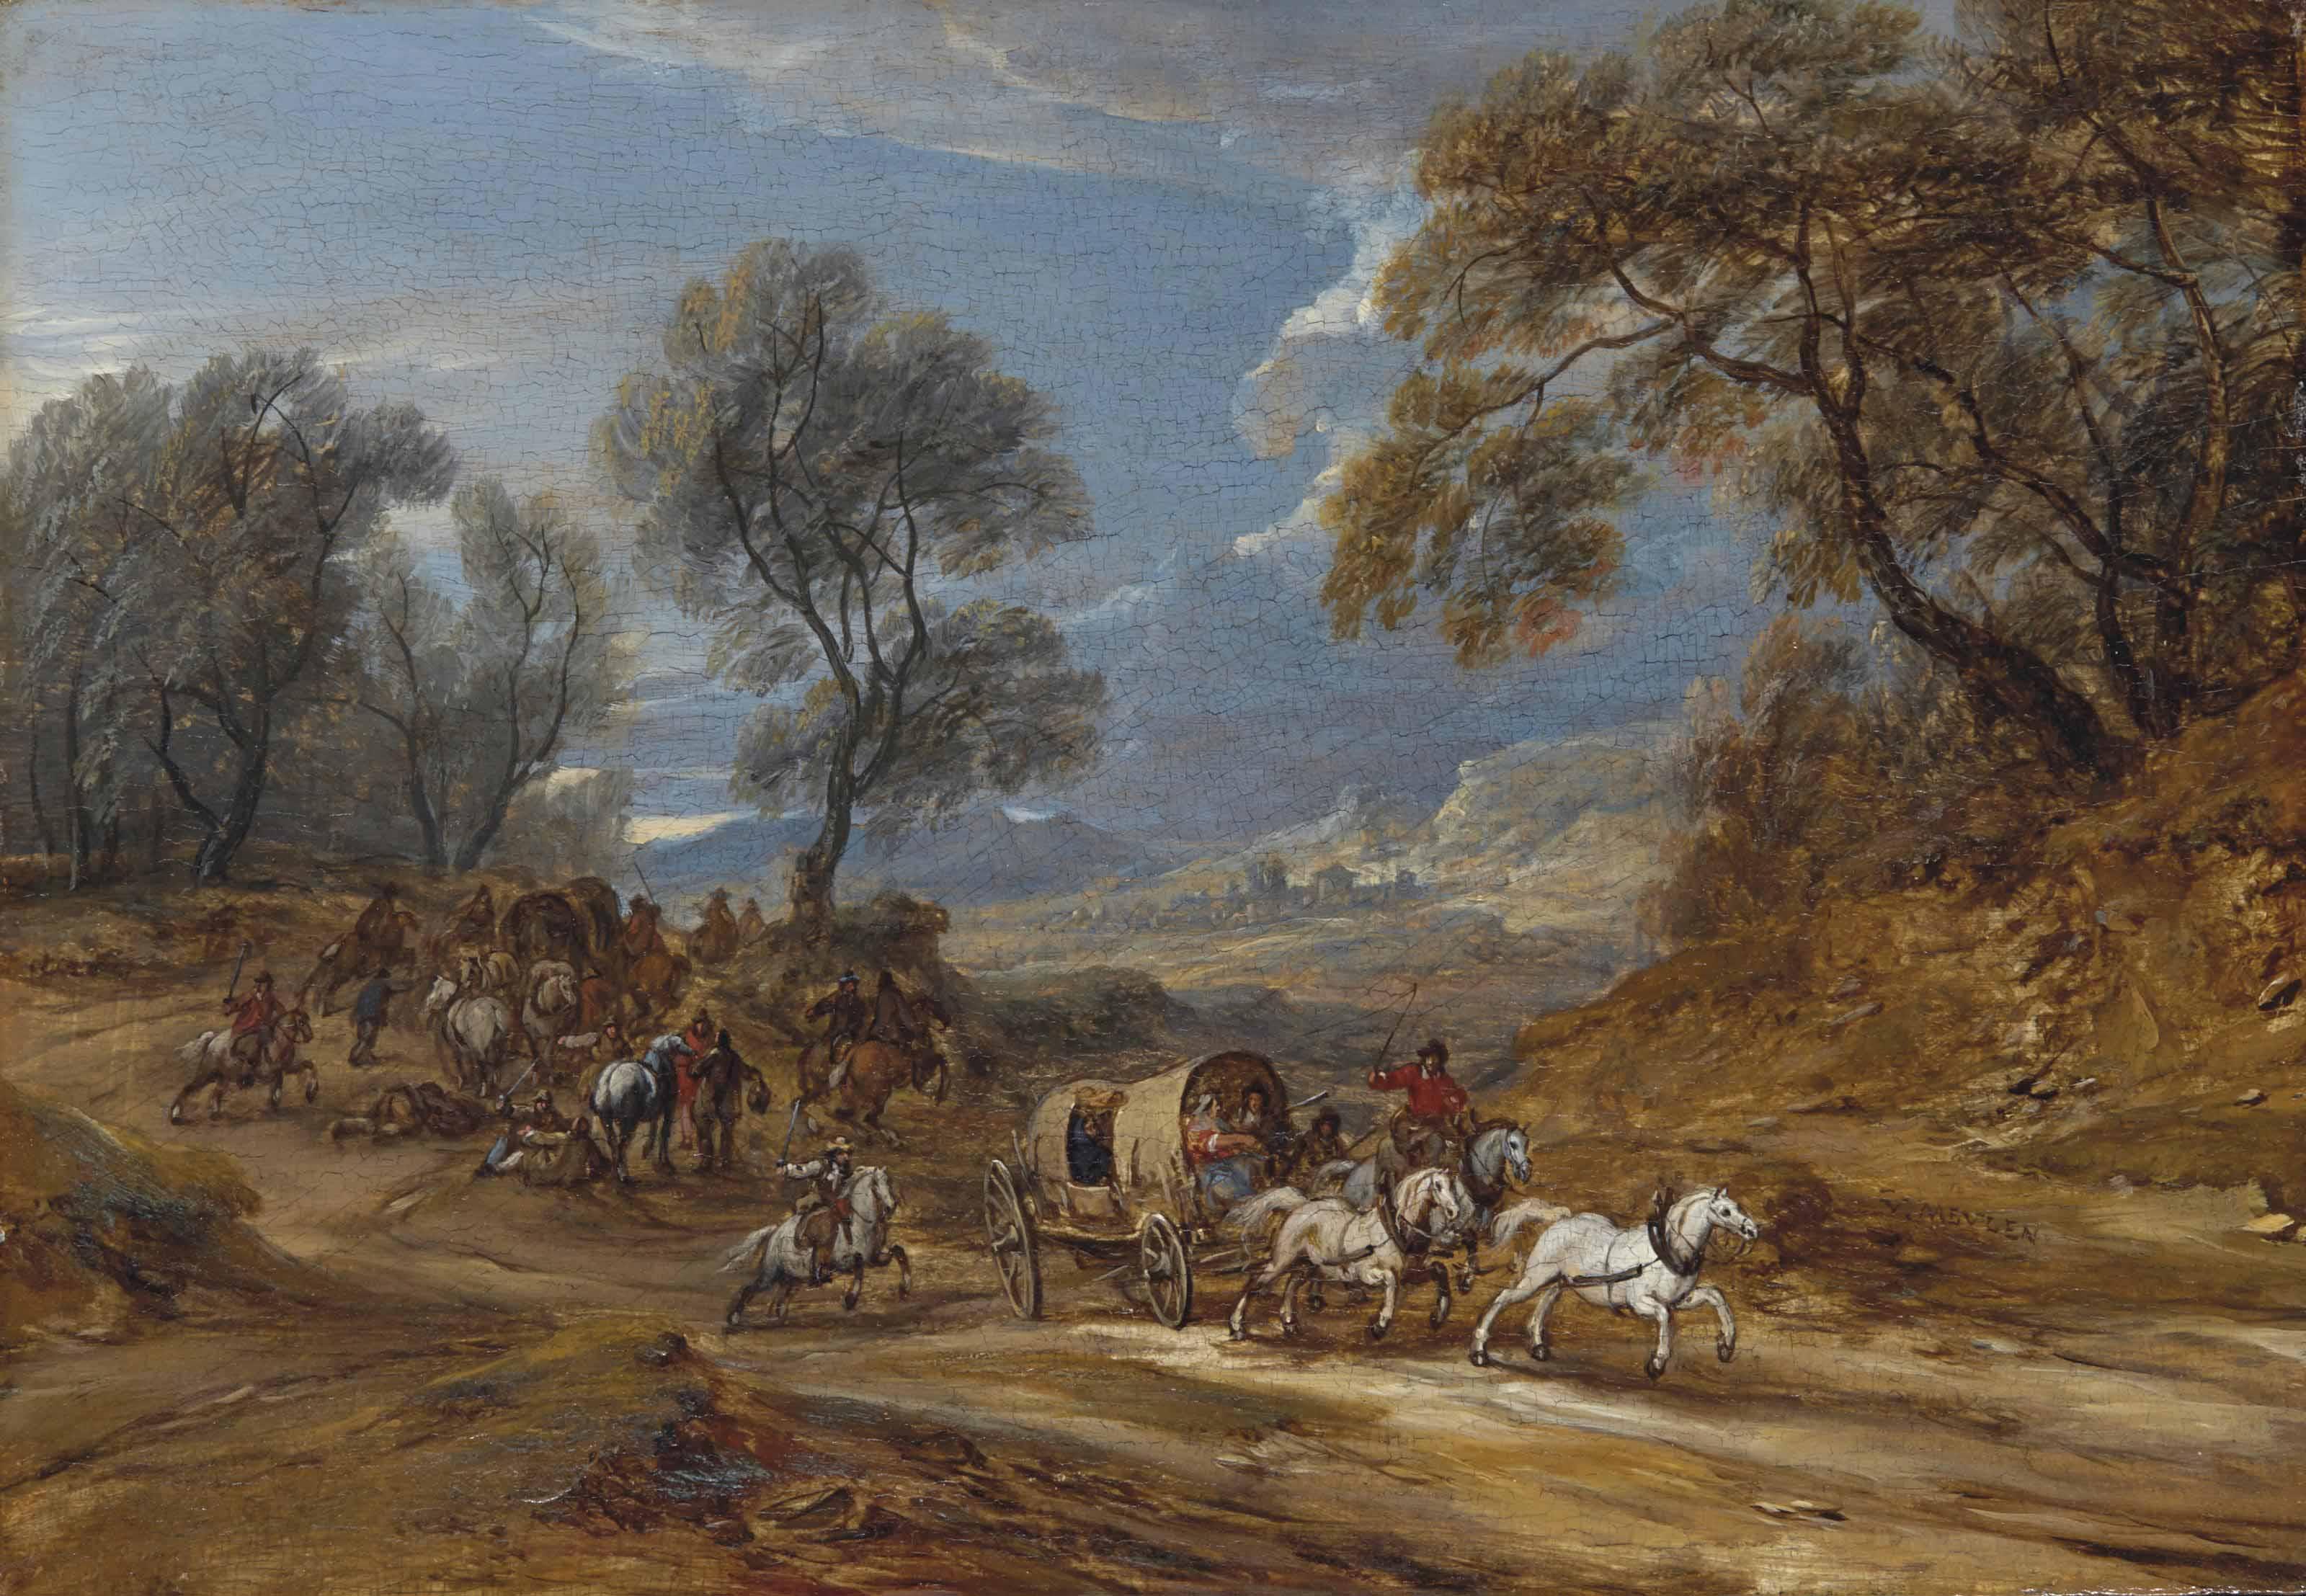 Un convoi attaqué par des brigands